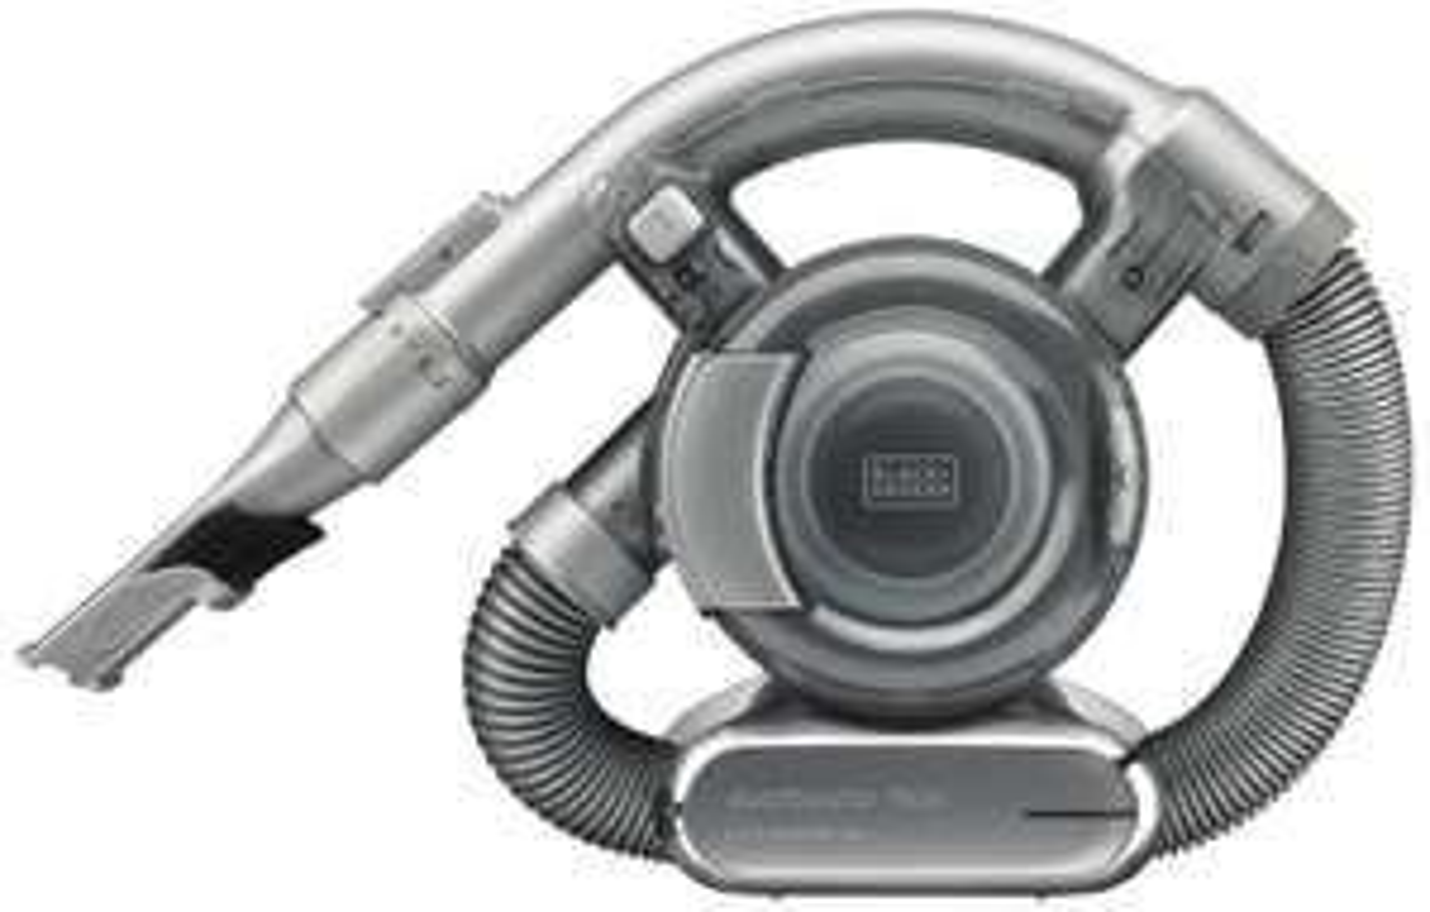 BLACK+DECKER 18 V Lithium-Ion Flexi Vacuum £64.99 @ Amazon